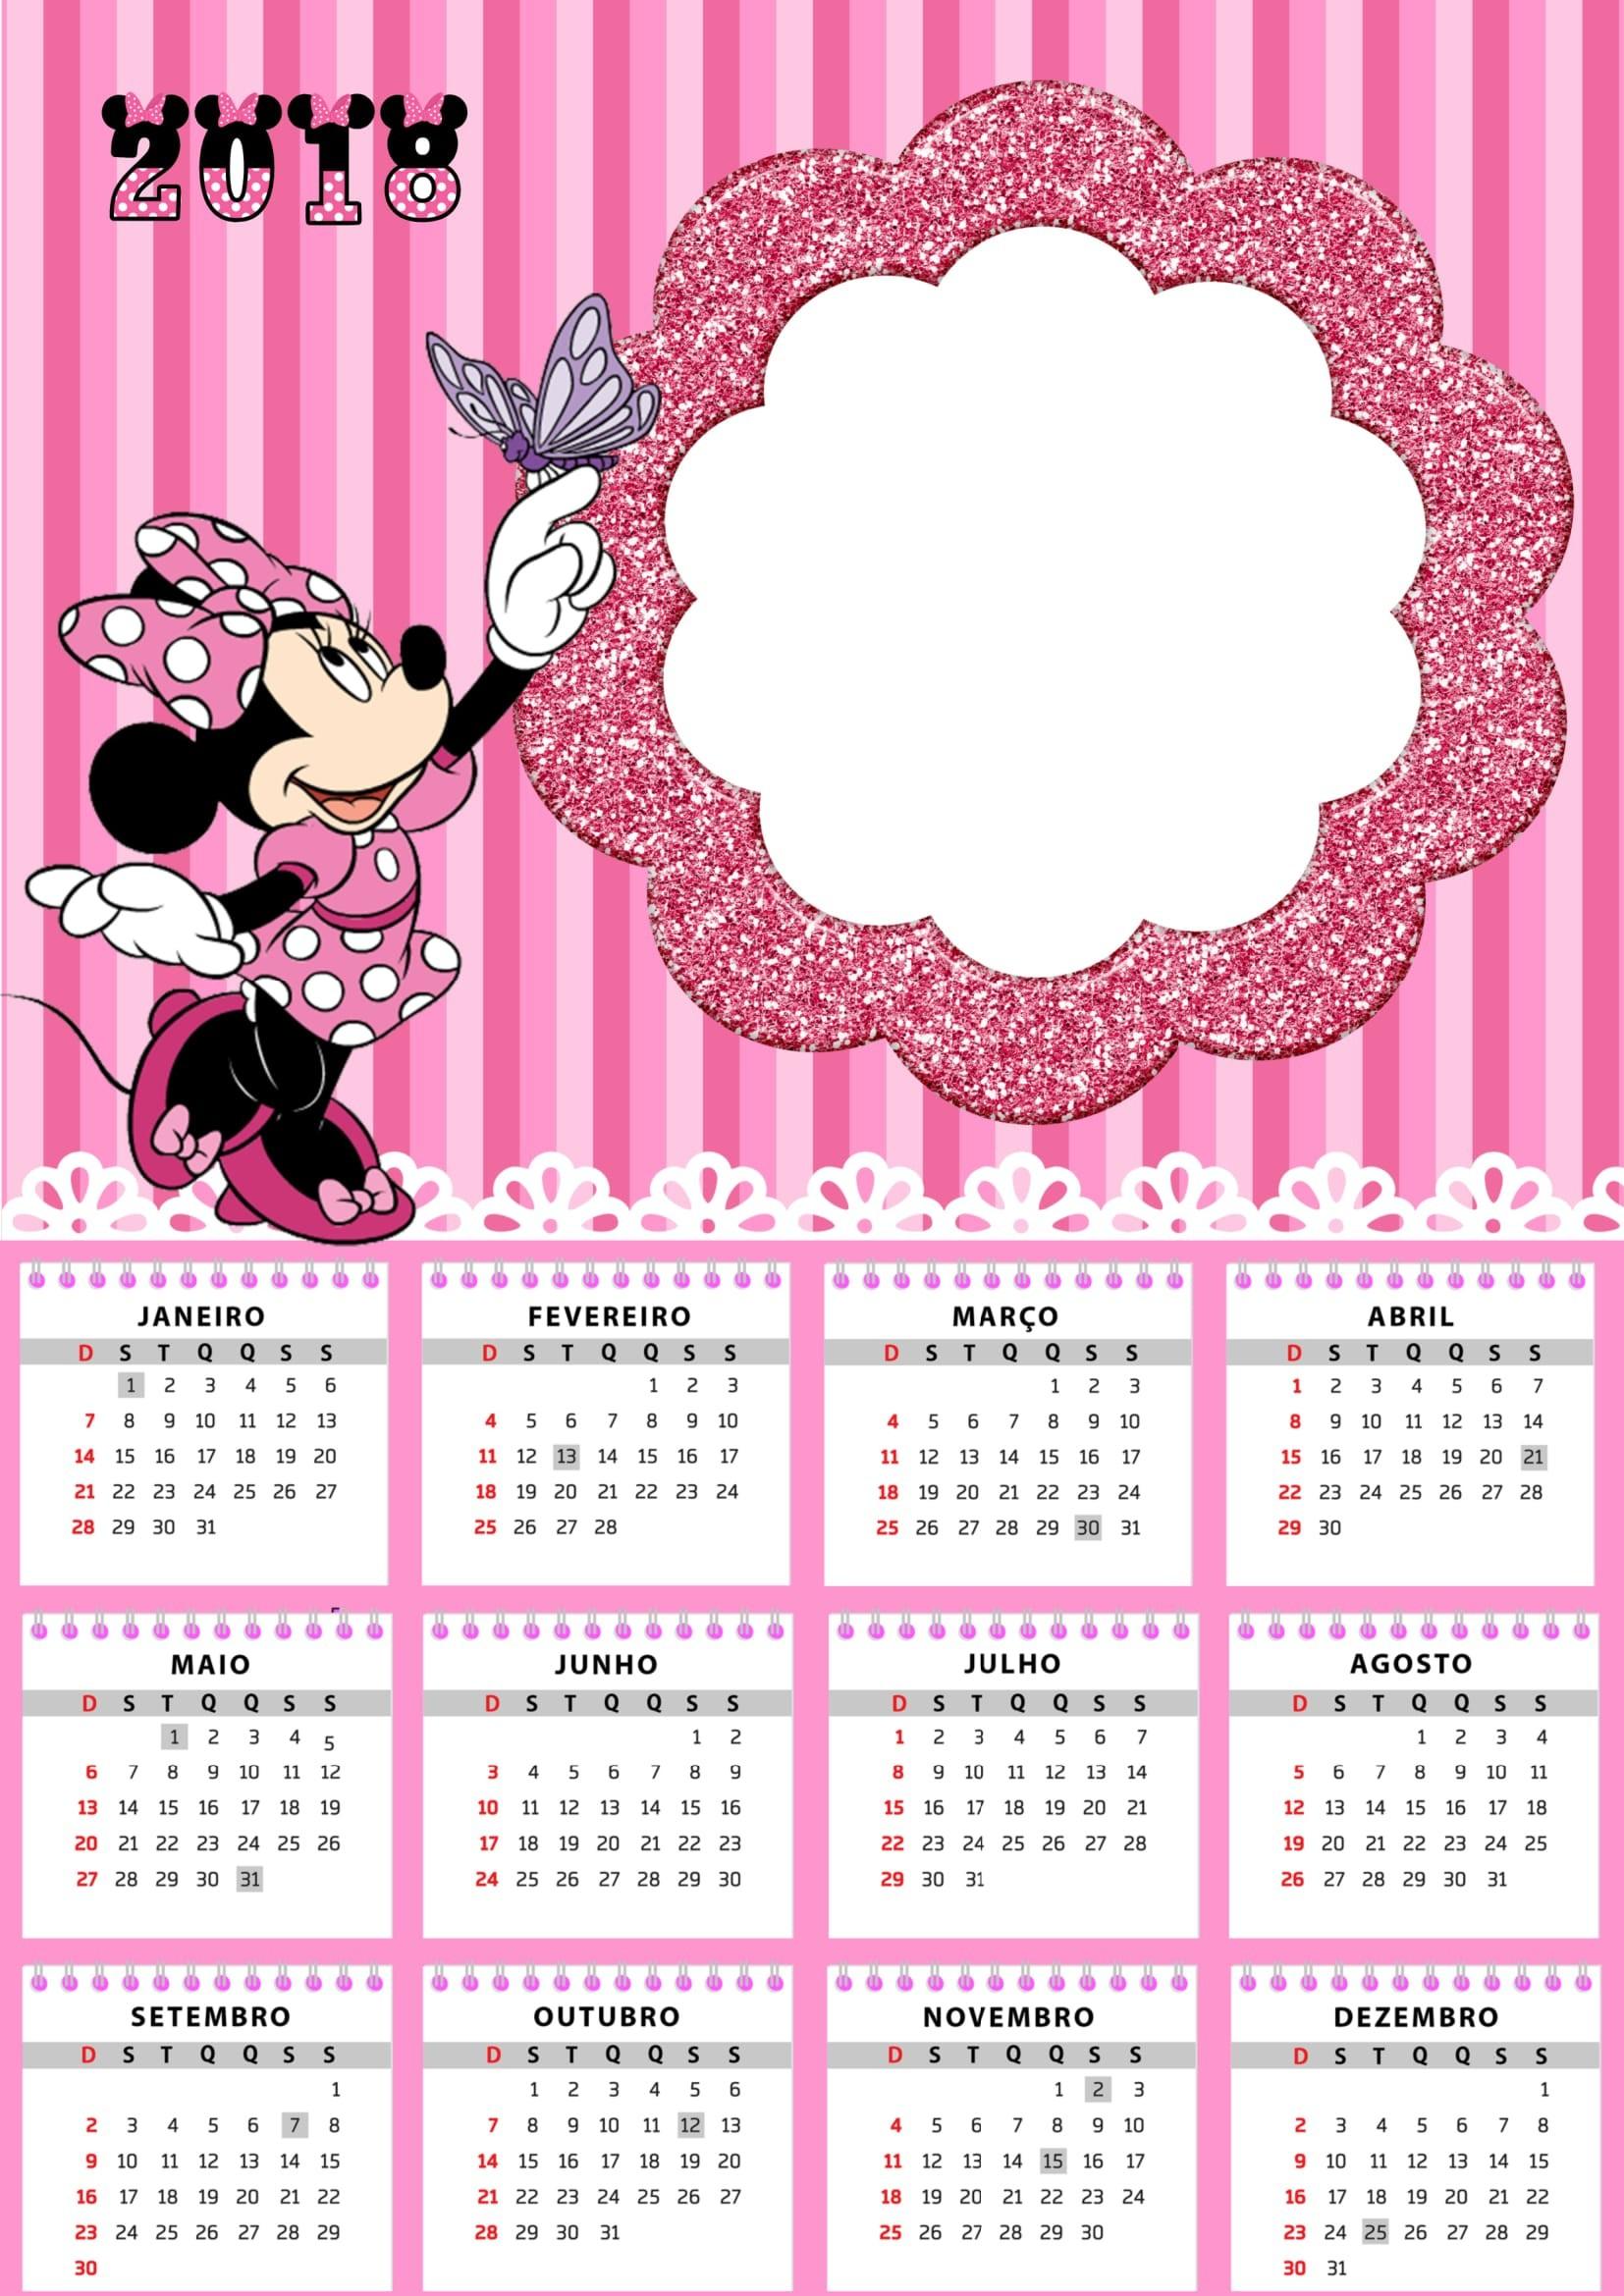 Calendário 2019 Feriados Nacionais Más Recientes Calendario 2016 Ms De Abril Mickey E Minnie T Of Calendário 2019 Feriados Nacionais Más Recientes A Arte De Ensinar E Aprender T Calendario 2018